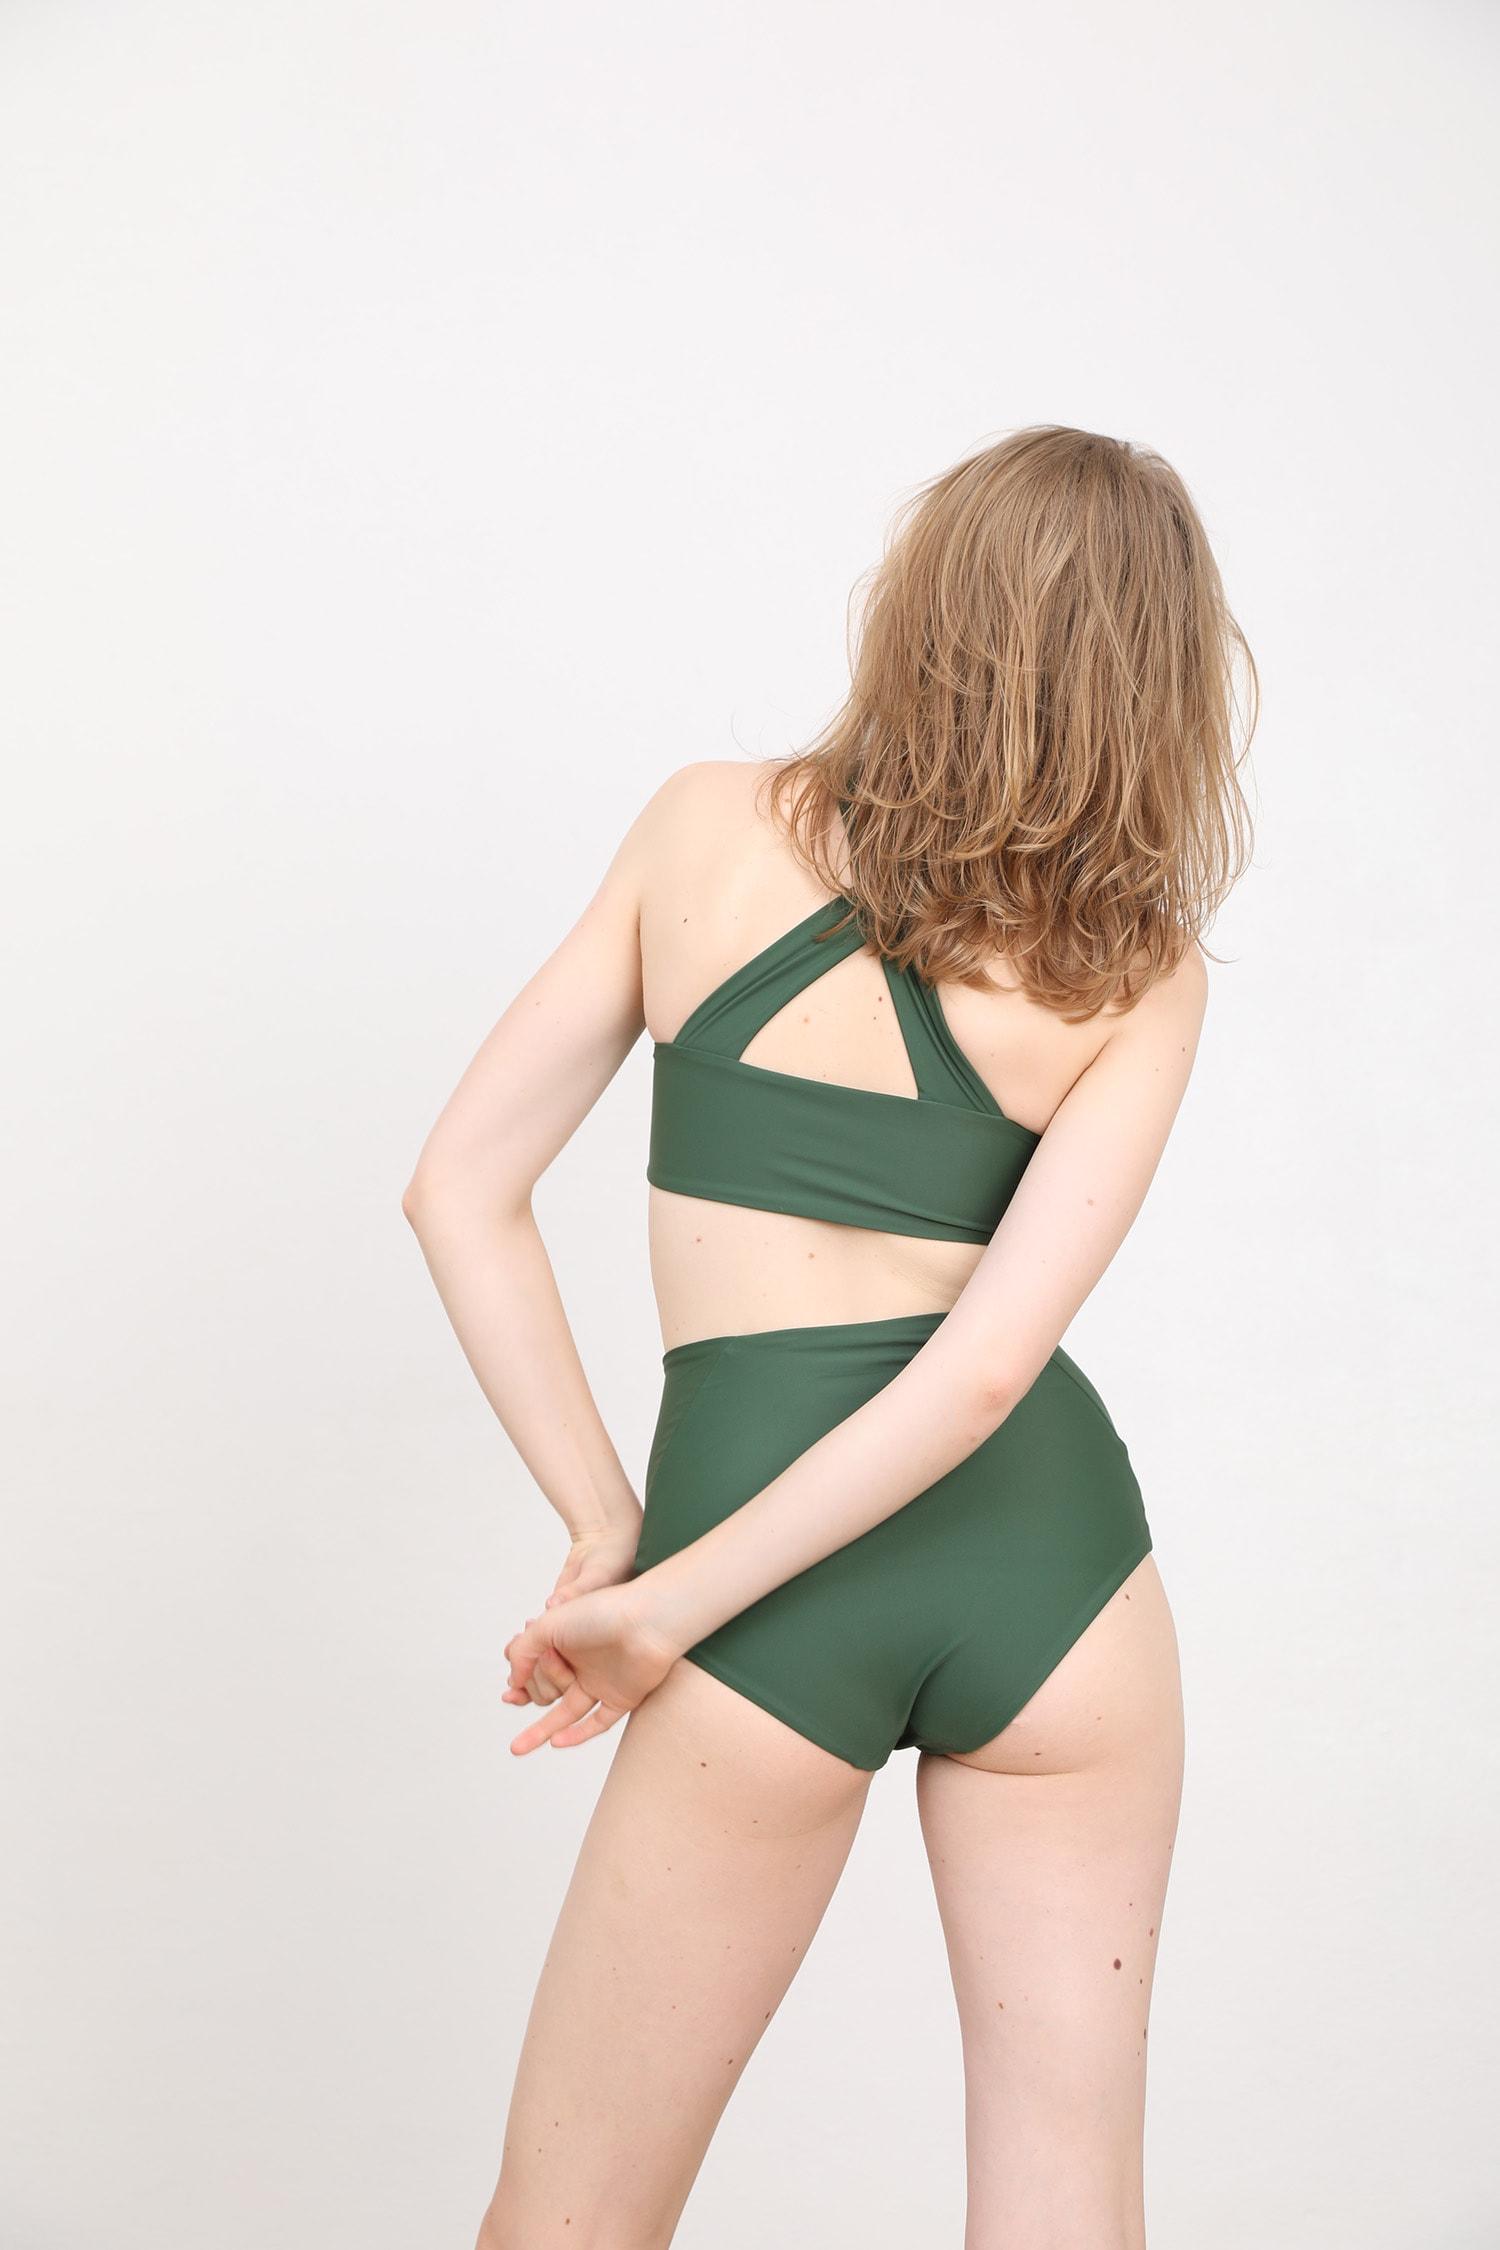 margaret and hermione_ss19_top no7_97,00eur_bottom no.3_78,00eur_dark green_hinten_online